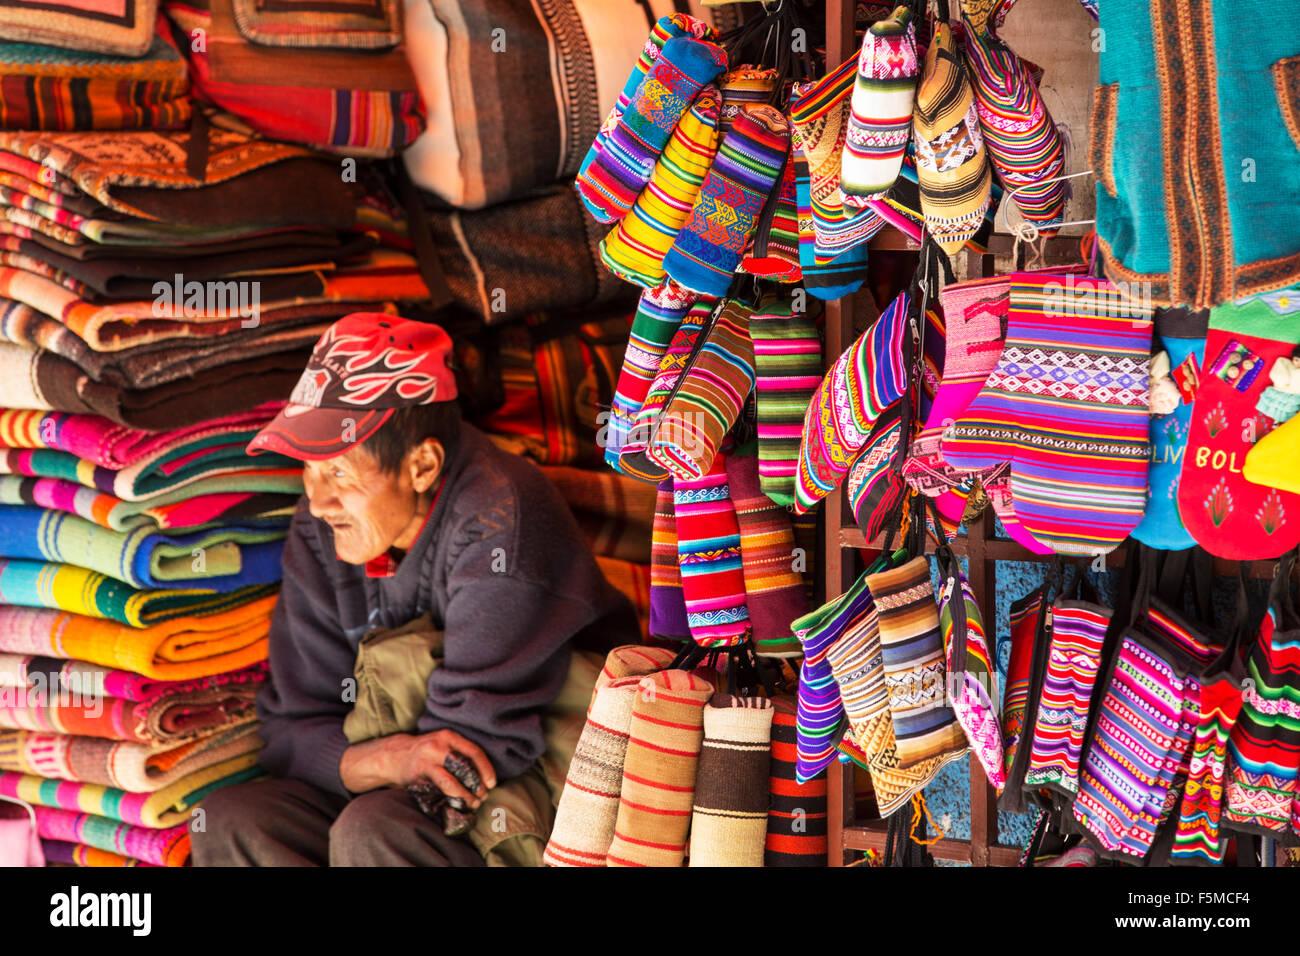 Colourful Bolivian fabrics for sale in La Paz, Bolivia, South America. - Stock Image